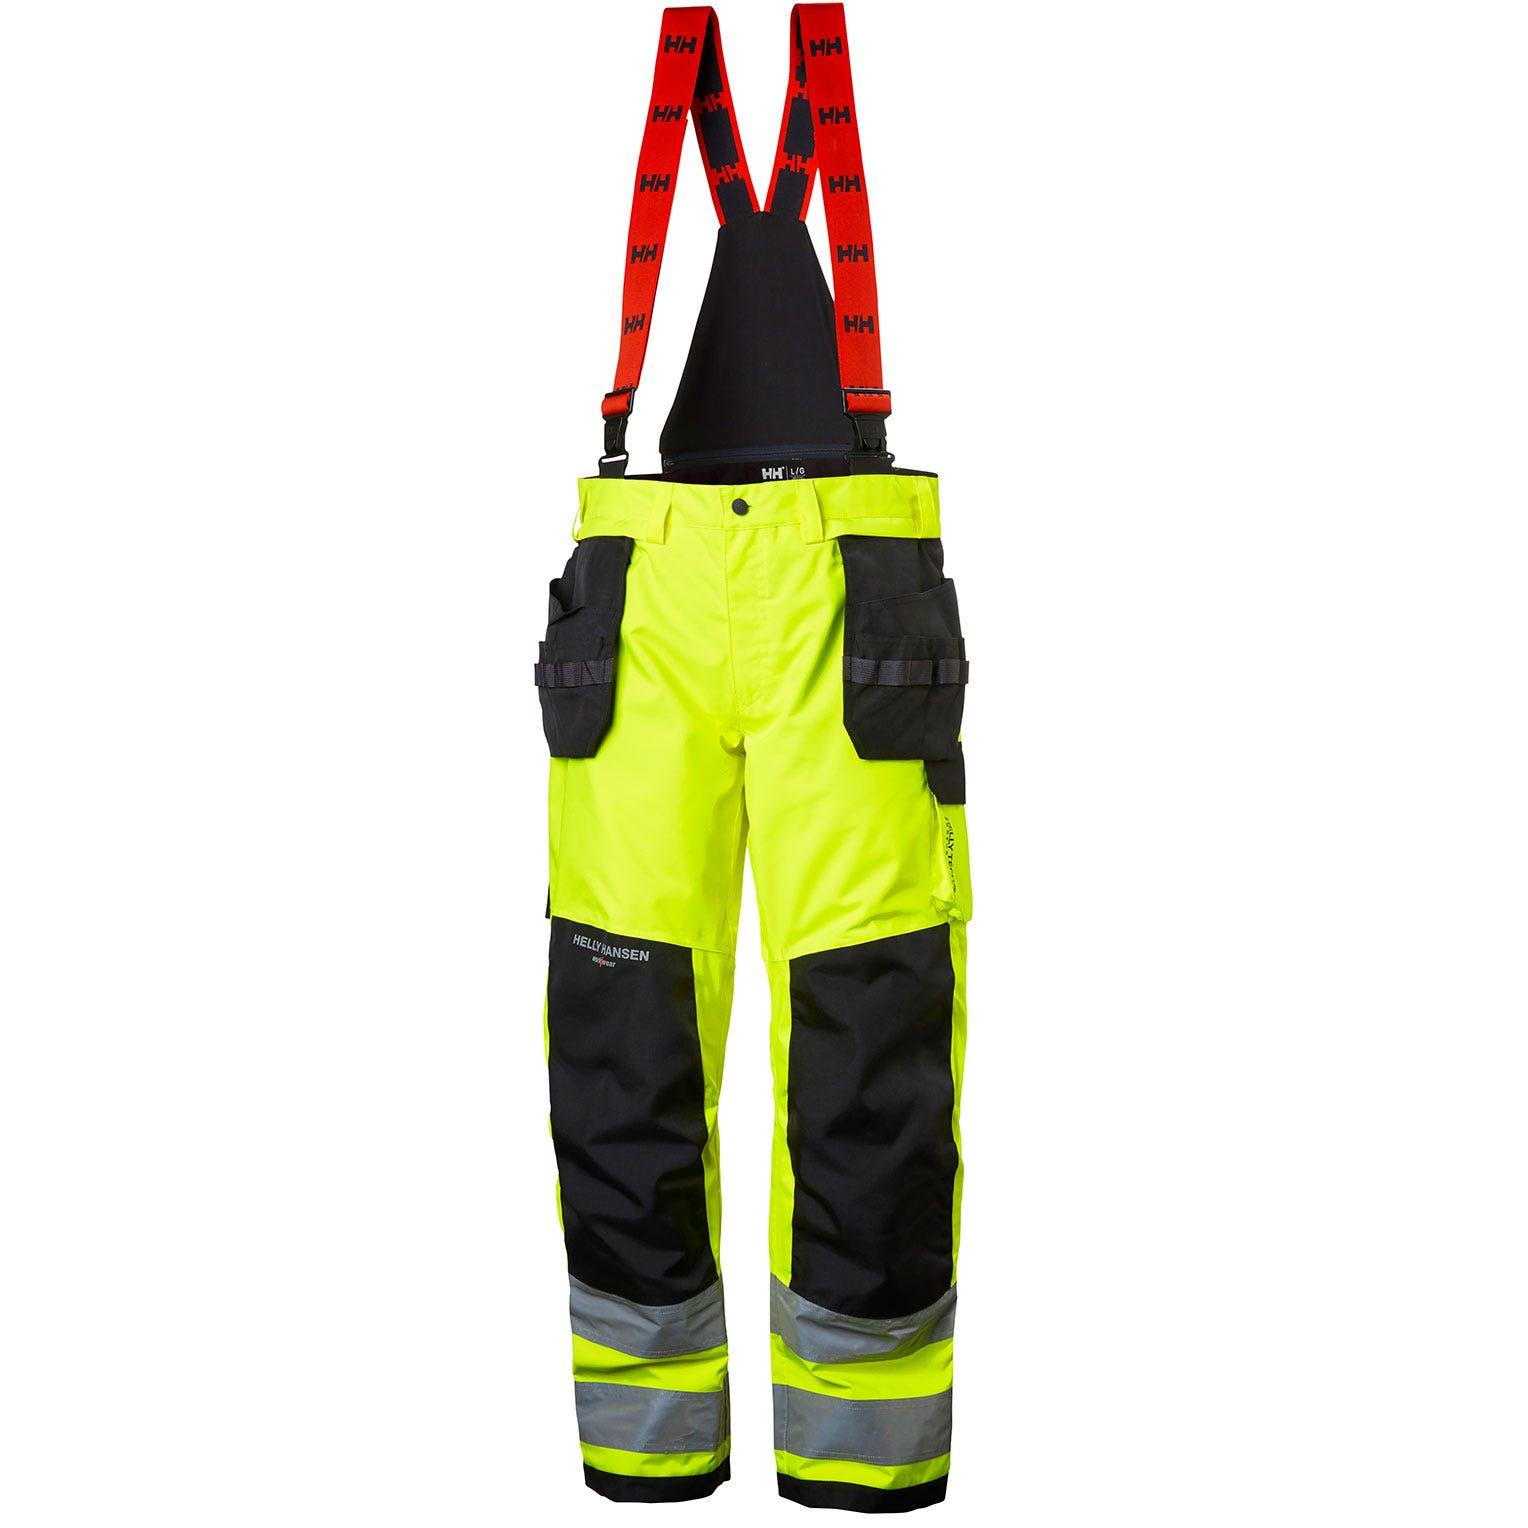 Helly Hansen Winterbroeken Alna 71495 High Vis fluo geel-ebbenhout(369)